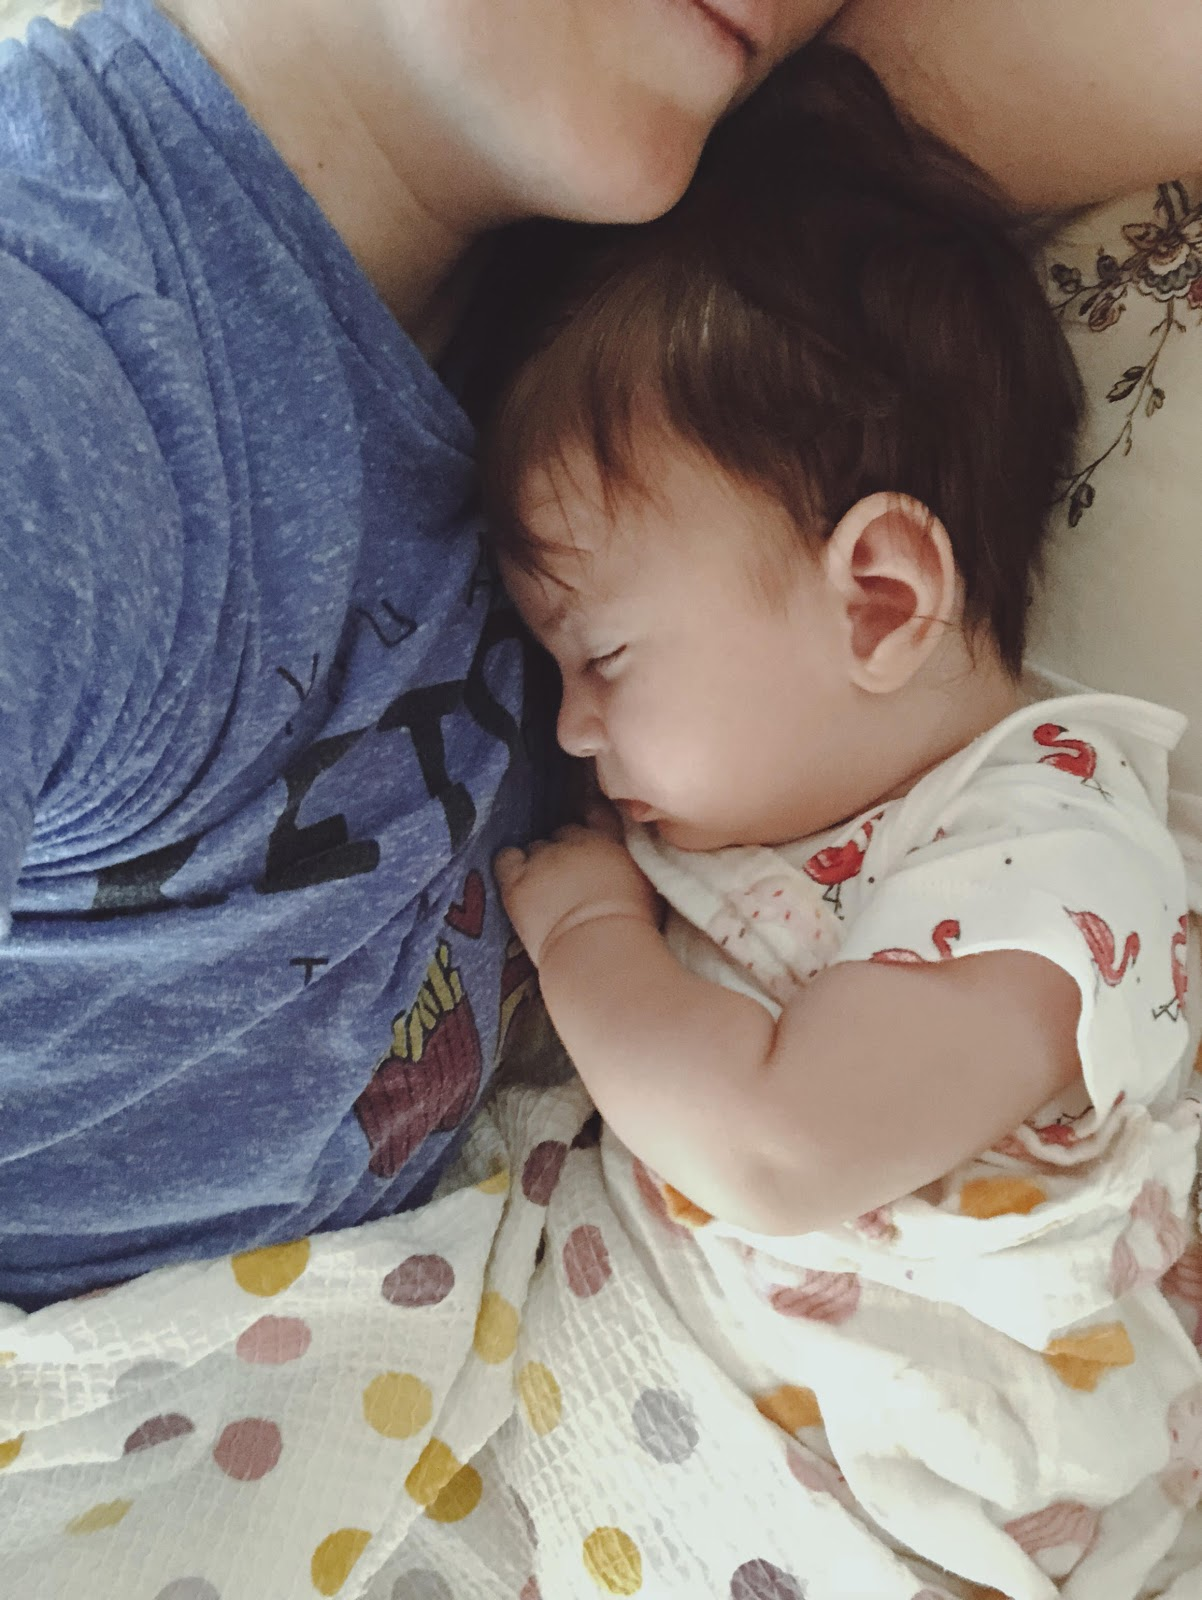 Bebeği kundaklamanın faydaları